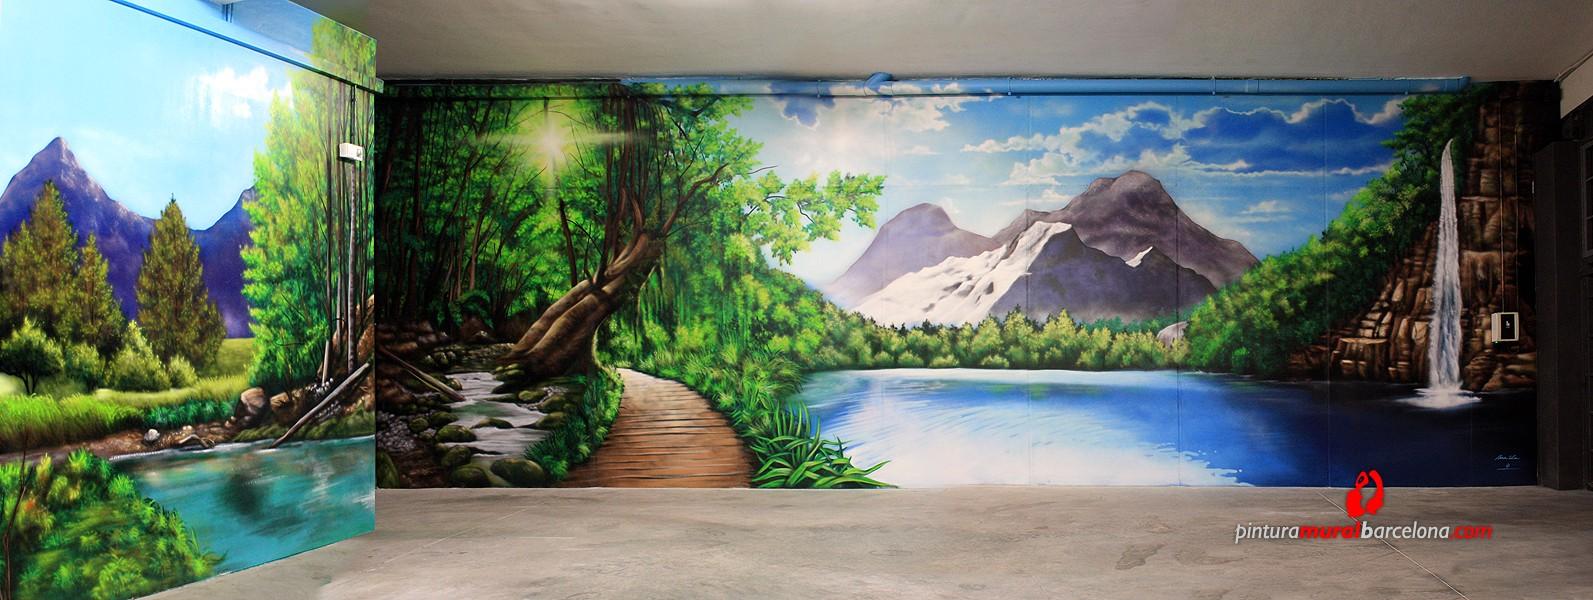 Paisaje 3d mural bosque pintura mural barcelona mateo for Pintar murales en paredes exteriores